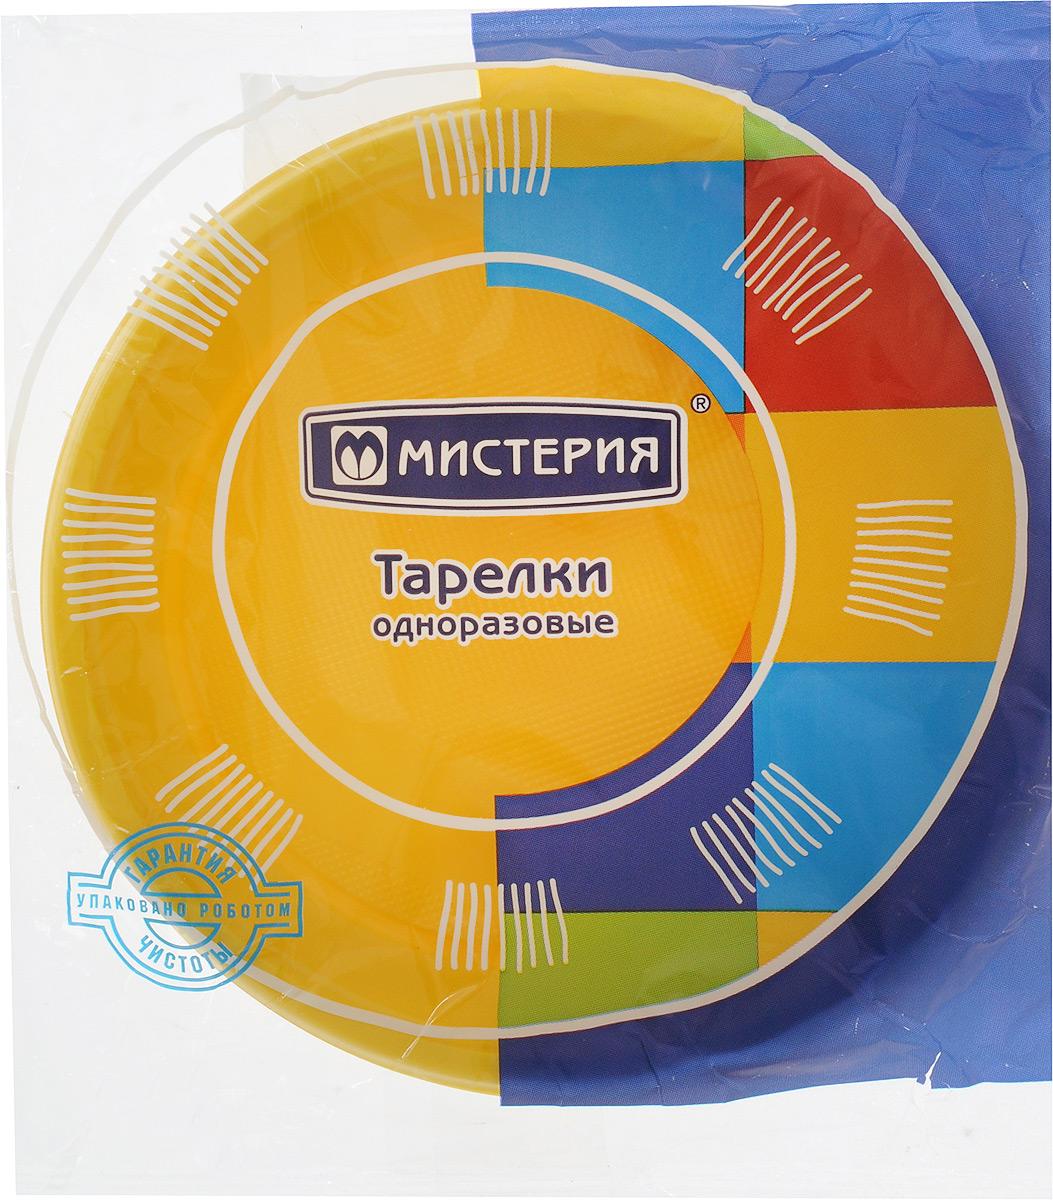 Набор одноразовых десертных тарелок Мистерия, цвет: желтый, диаметр 17 см, 12 шт183570Набор Мистерия состоит из 12 круглых десертных тарелок, выполненных из полистирола и предназначенных для одноразового использования. Подходят для холодных и горячих пищевых продуктов.Одноразовые тарелки будут незаменимы при поездках на природу, пикниках и других мероприятиях. Они не займут много места, легки и самое главное - после использования их не надо мыть.Диаметр тарелки: 17 см.Высота тарелки: 1,5 см.